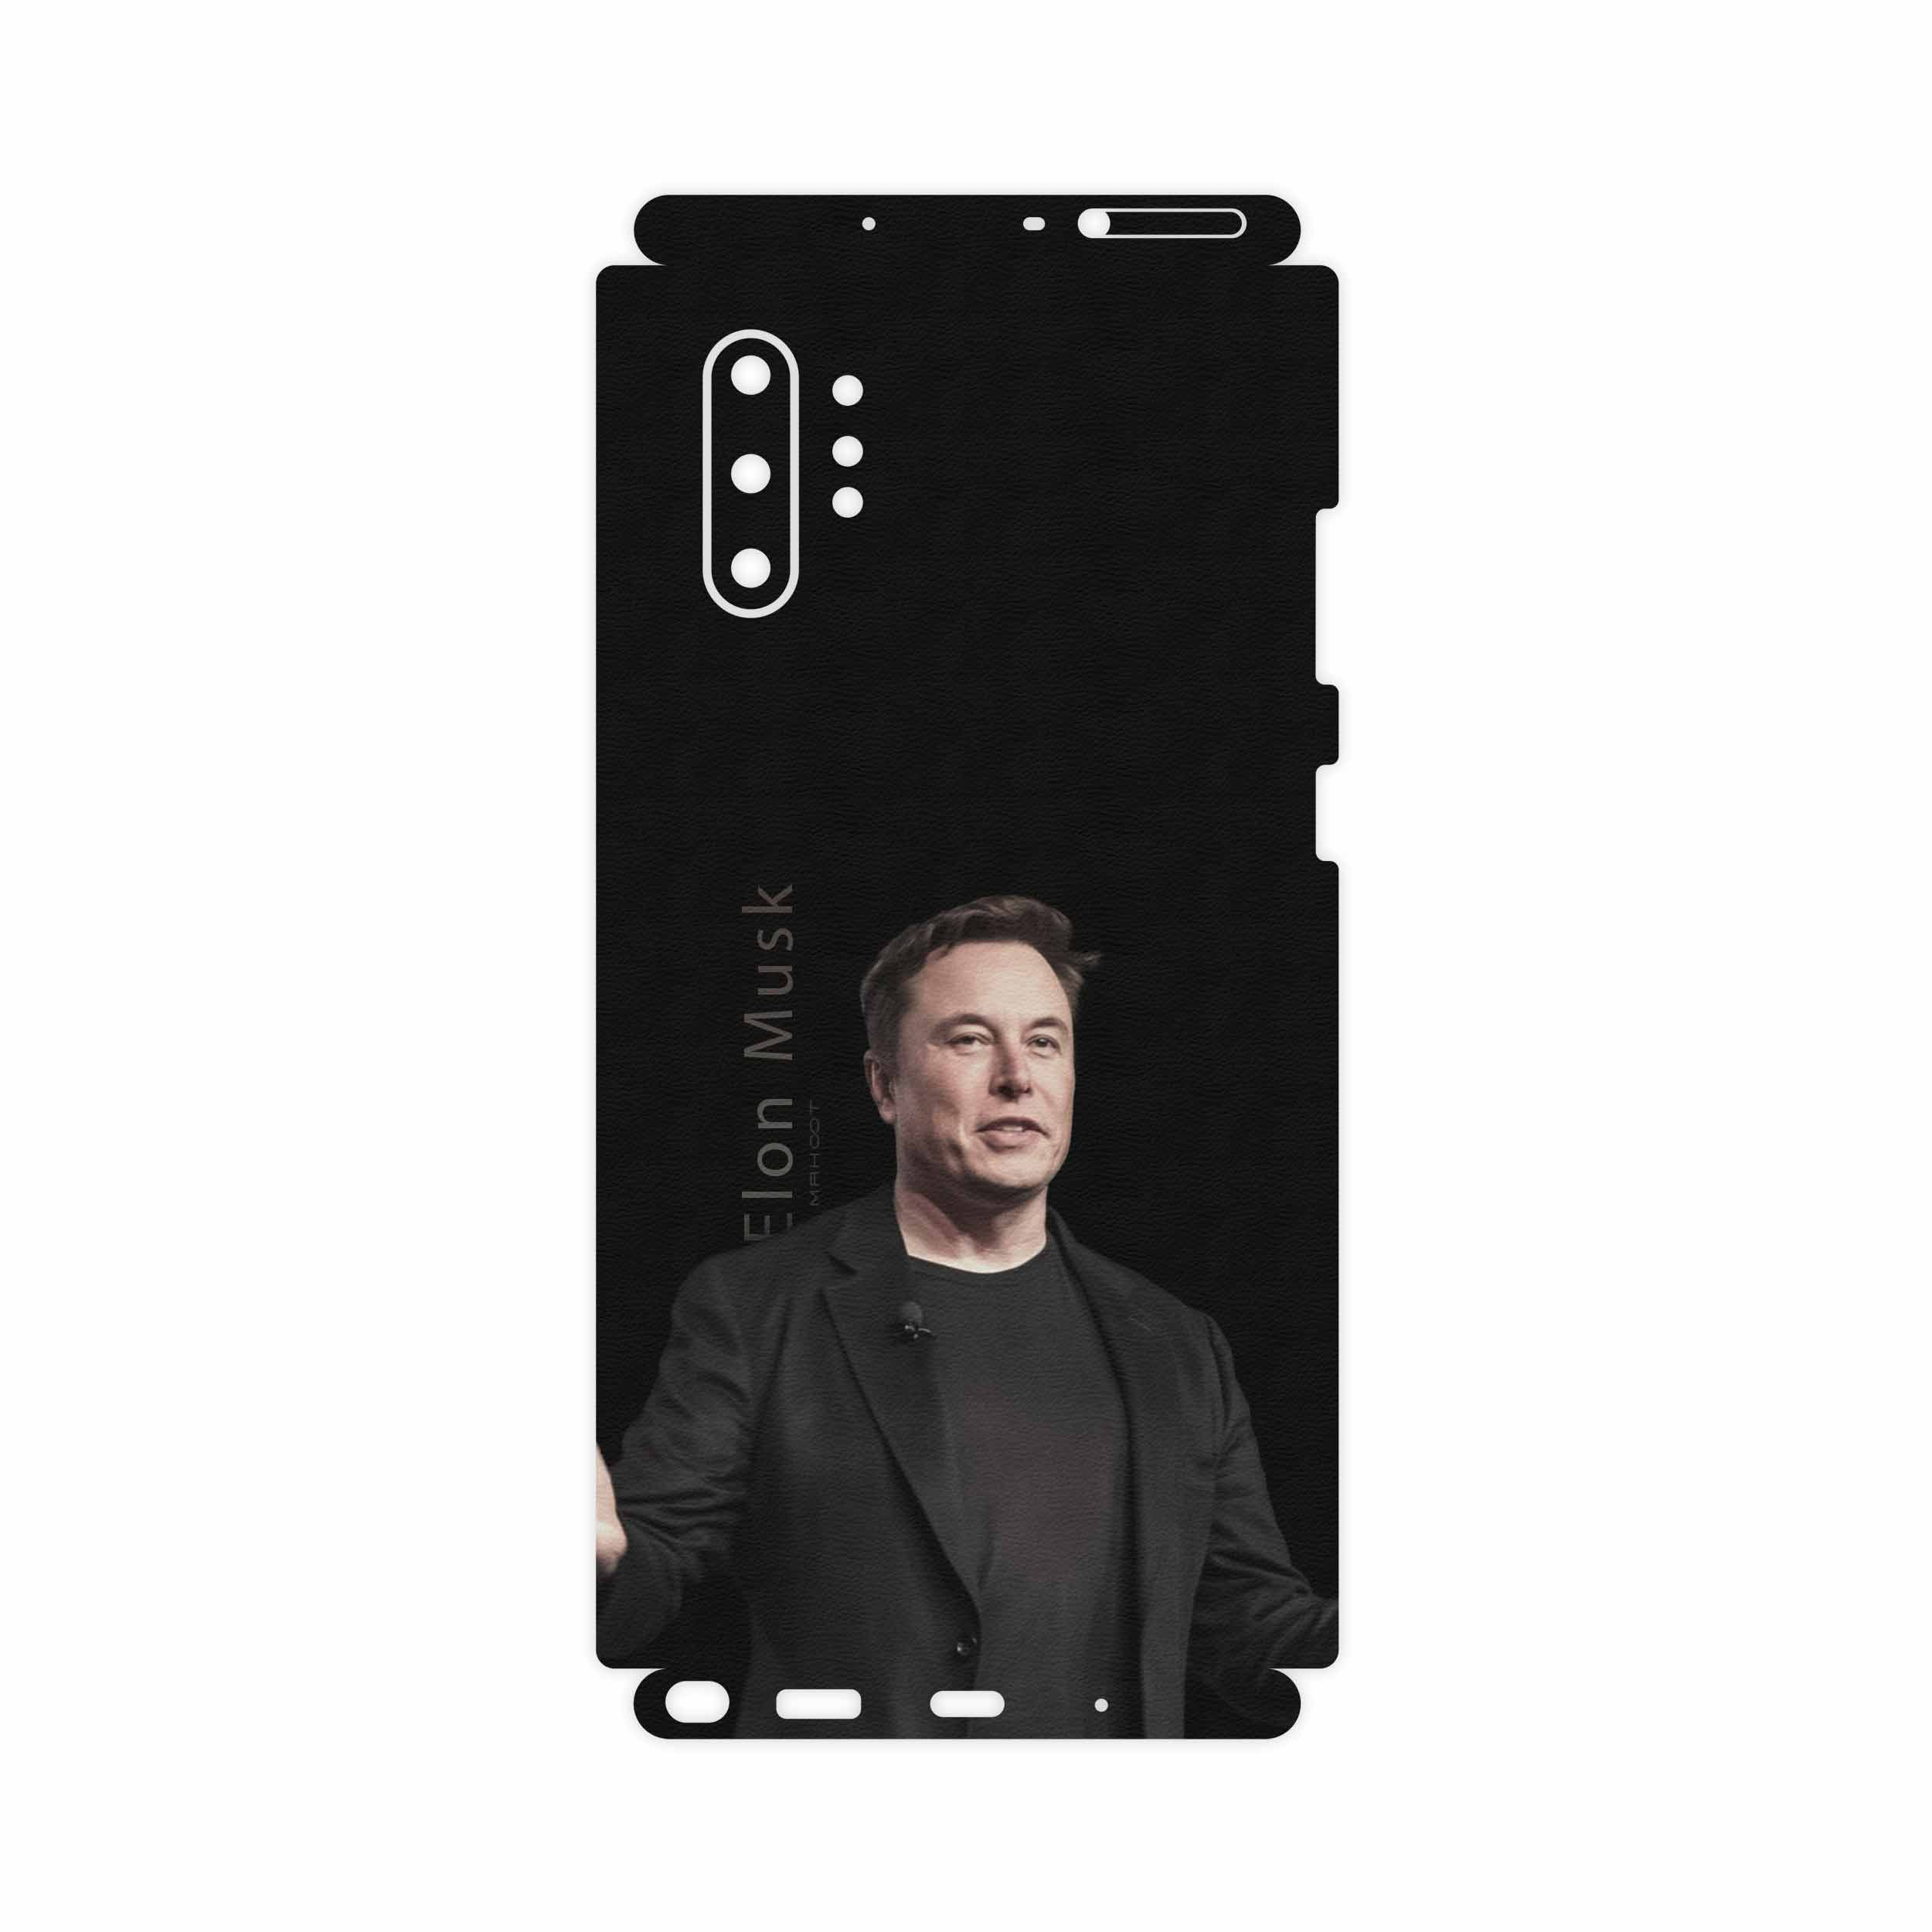 برچسب پوششی ماهوت مدل Elon Musk-FullSkin مناسب برای گوشی موبایل سامسونگ Galaxy Note 10 Plus